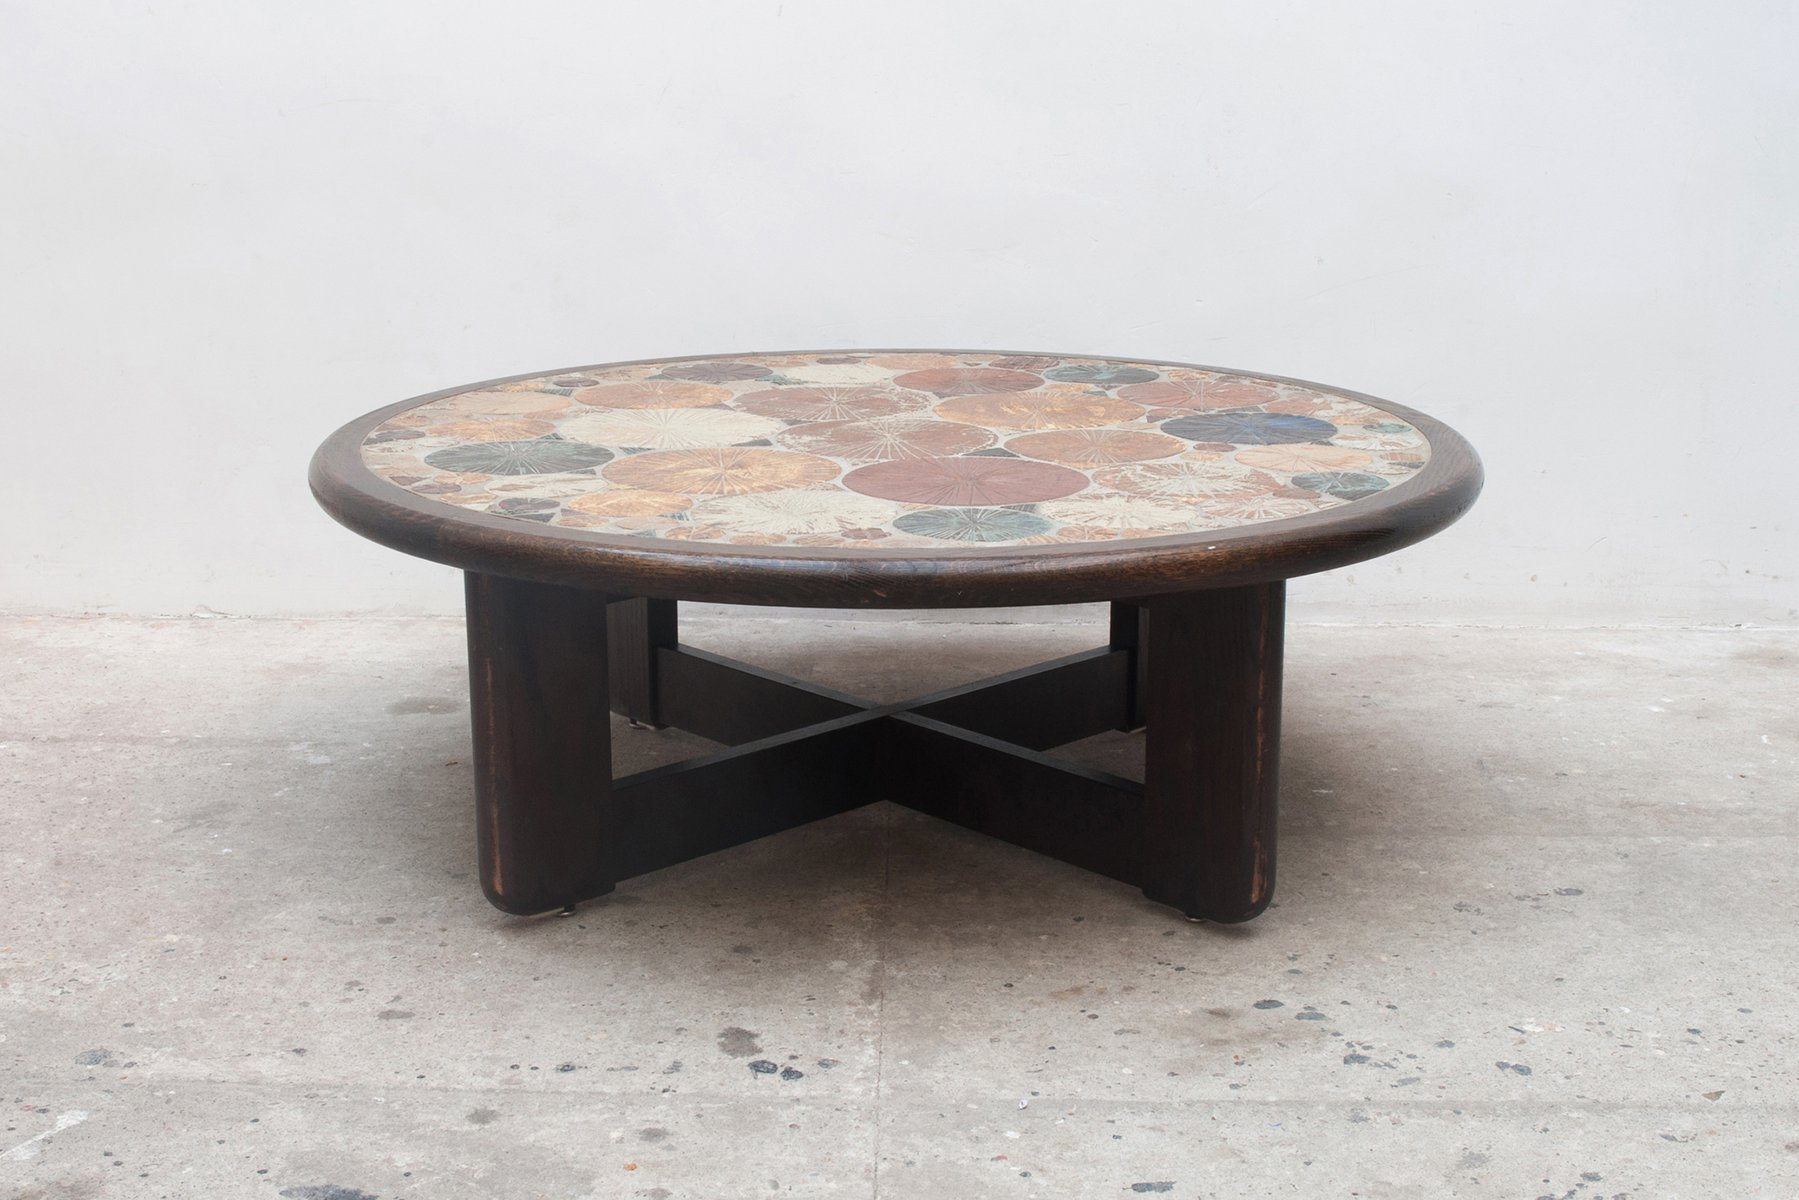 Grosser Runder Vintage Keramik Kachel Couchtisch Von Tue Poulsen Fur